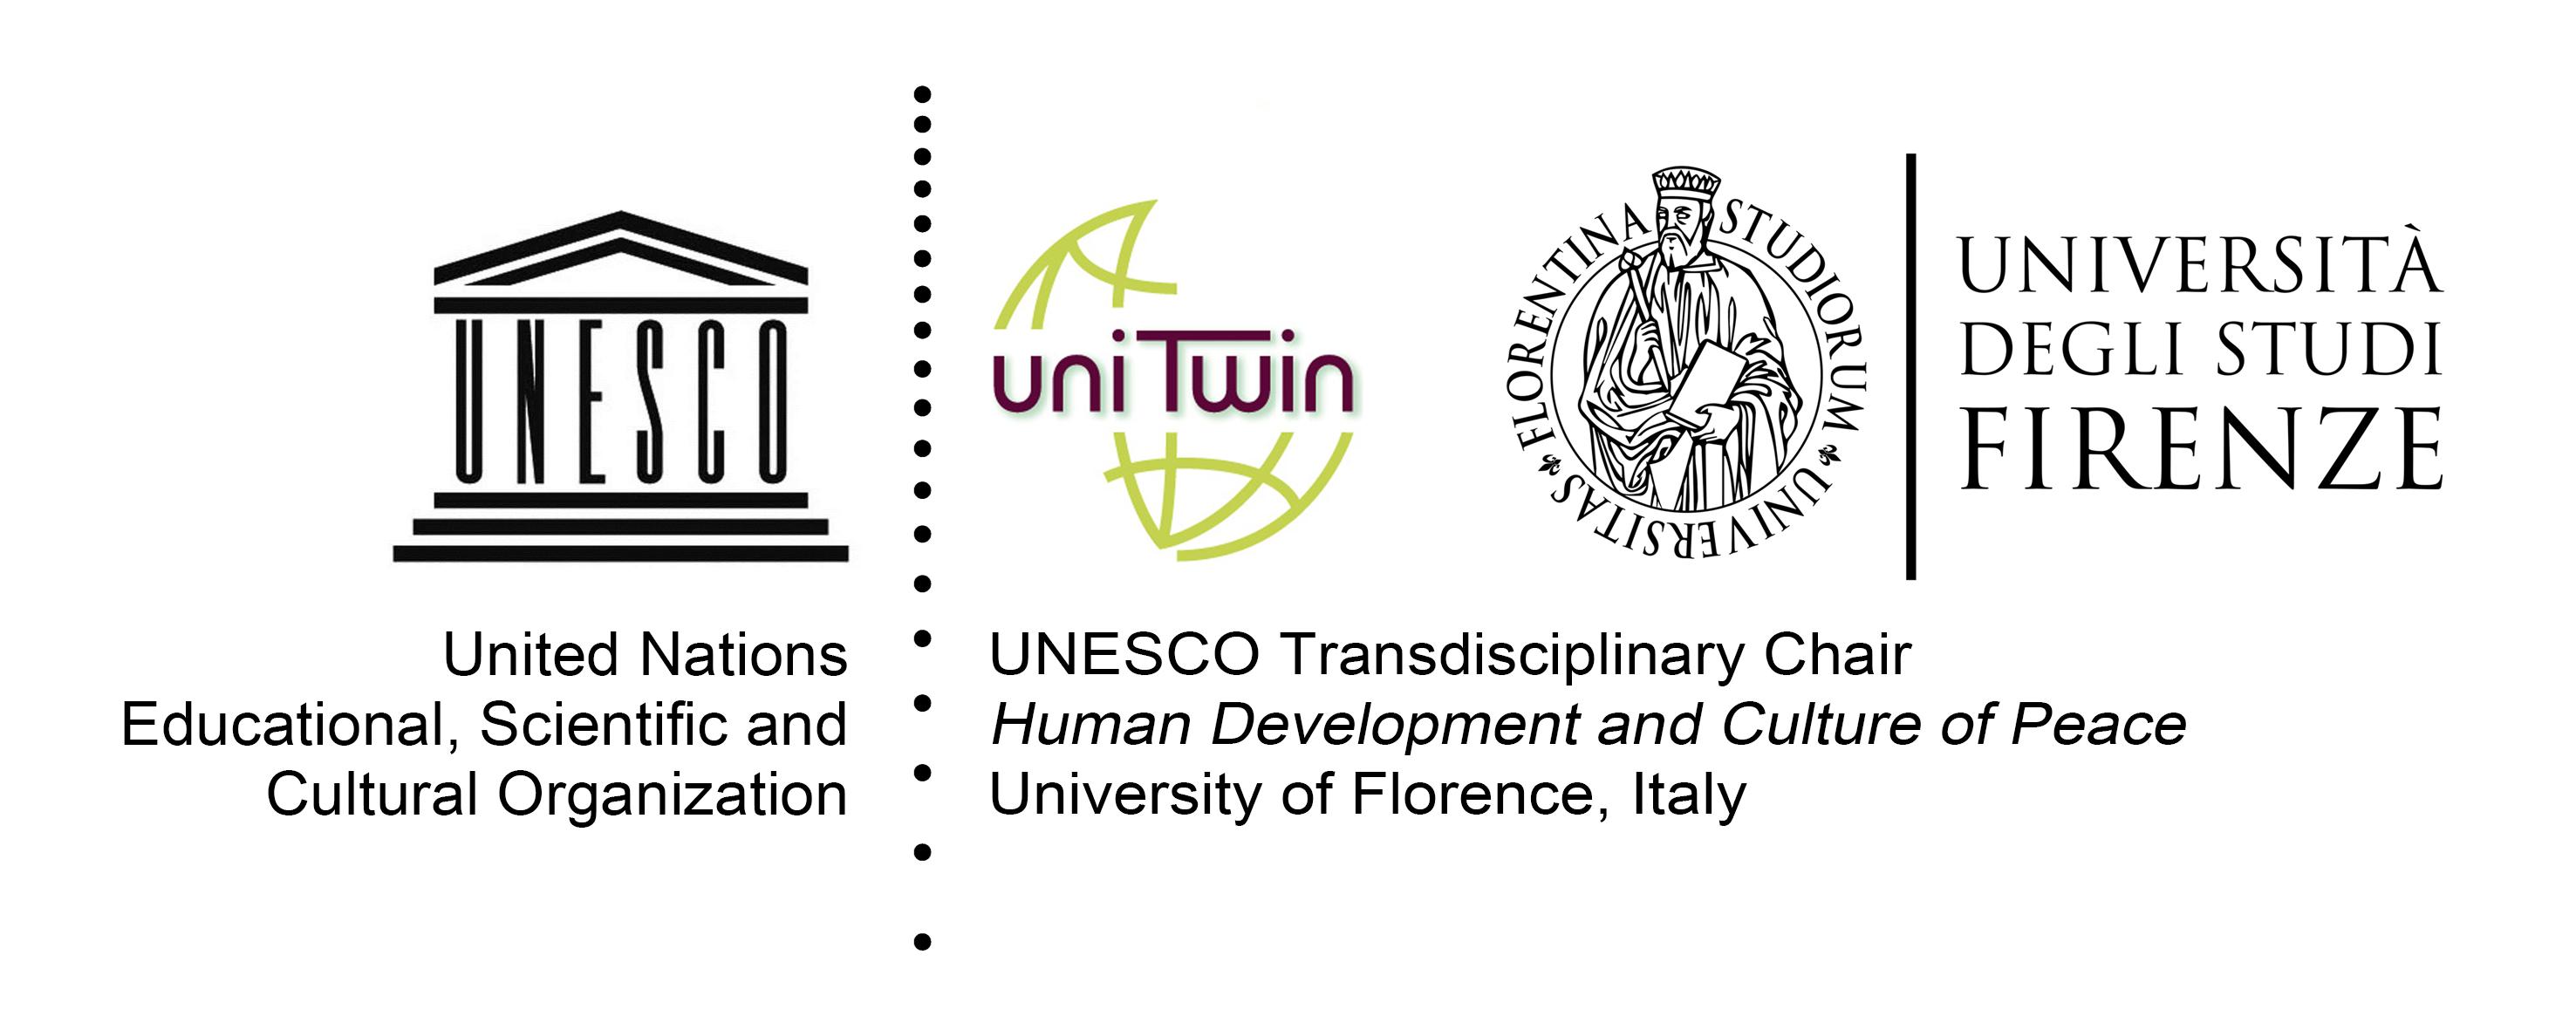 Cattedra Transdisciplinare UNESCO Sviluppo umano e cultura di pace, Università di Firenze, logo